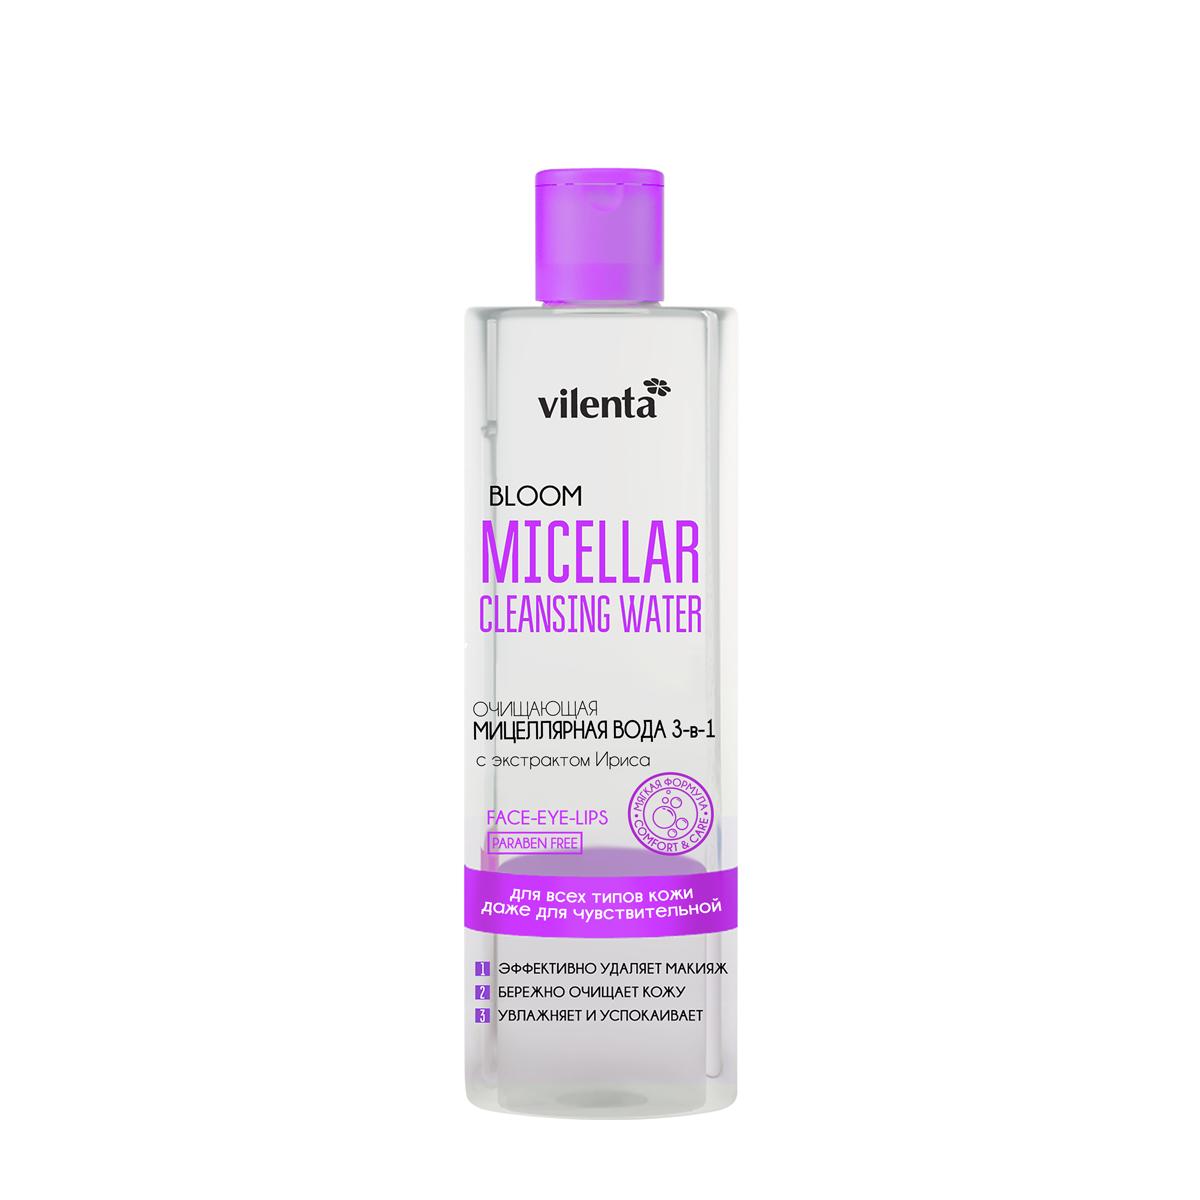 Vilenta Мицеллярная вода для снятия макияжа Bloom, 200 мл00703СХСредство 3в1 для снятия даже стойкого макияжа на основе мицеллярной технологии, обогащенное увлажняющими и успокаивающими активными компонентами, эффективно удаляет макияж с лица, глаз и губ, бережно очищает кожу от загрязнений, не нарушая ее естественный защитный барьер.